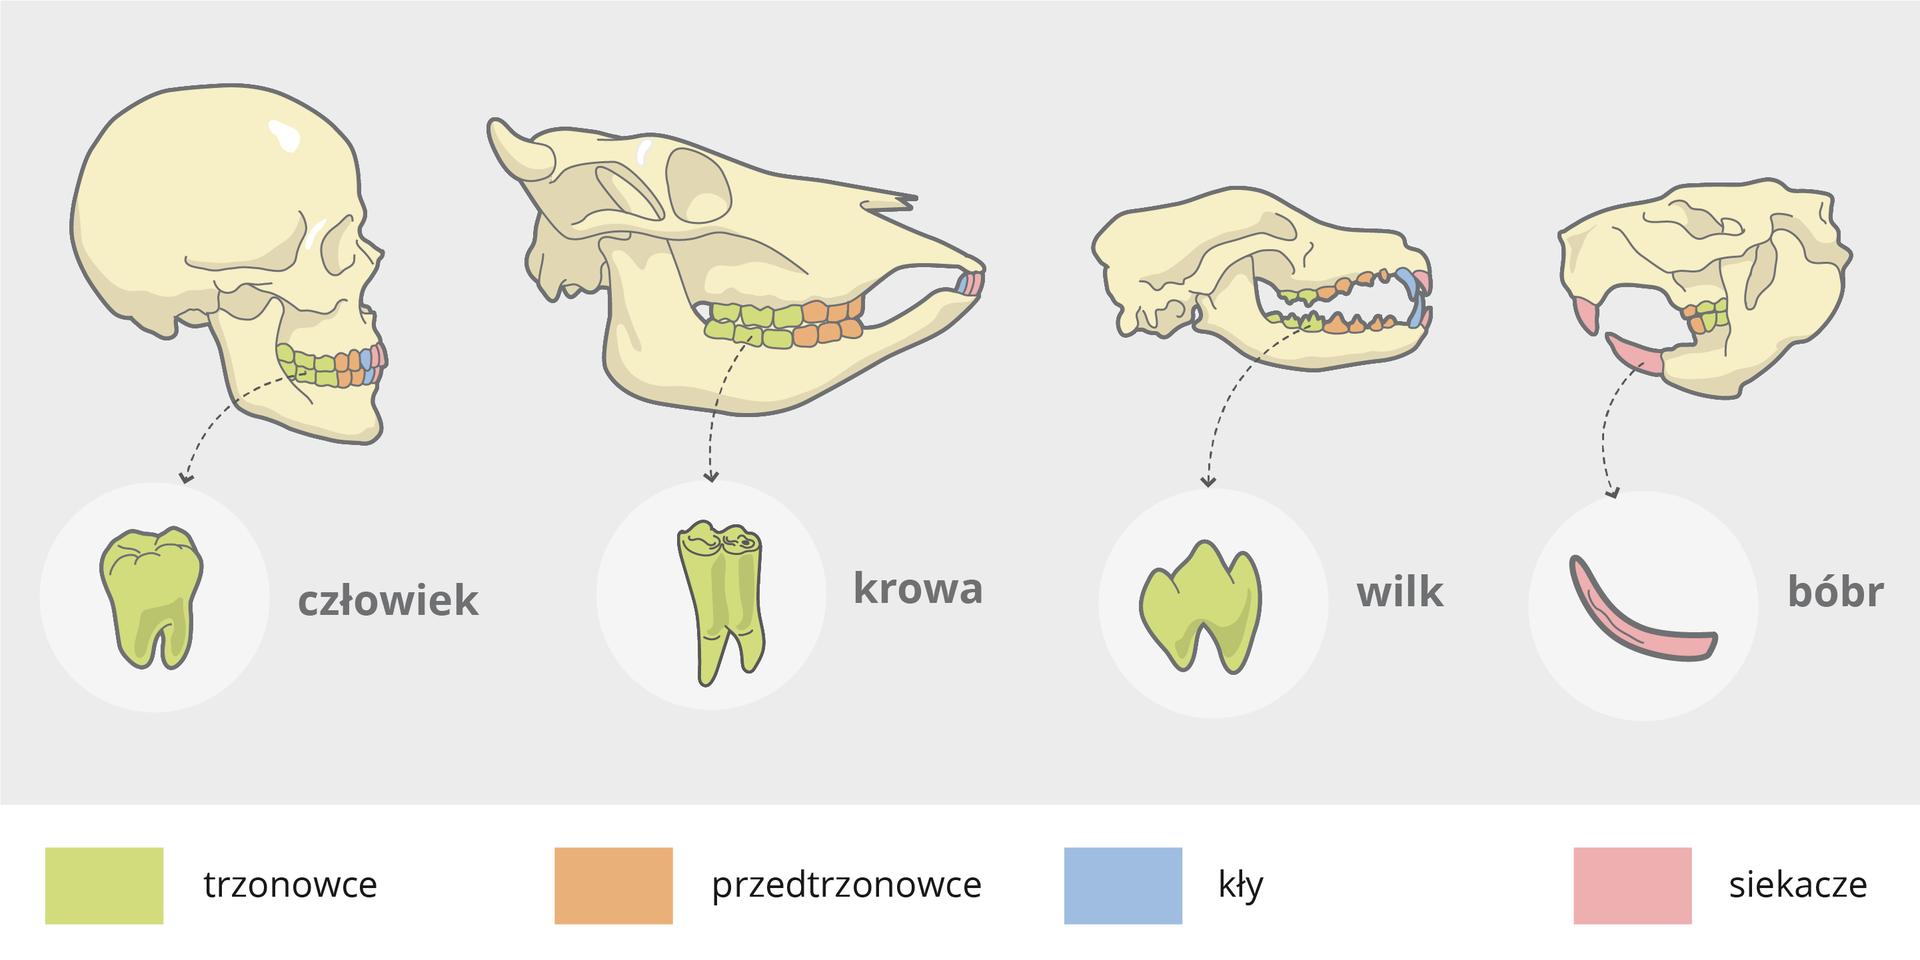 Ilustracja przedstawia 4 czaszki zzębami, oznaczonymi kolorami. Trzy są bokiem wprawo, ostatnia bokiem wlewo. Ten sam kolor oznacza ten sam rodzaj zębów. Zielony to trzonowce, pomarańczowy przedtrzonowce, niebieski kły iróżowy siekacze. Od lewej czaszka: człowieka, krowy , wilka ibobra. Pod czaszkami powiększenie zębów dla porównania kształtu.